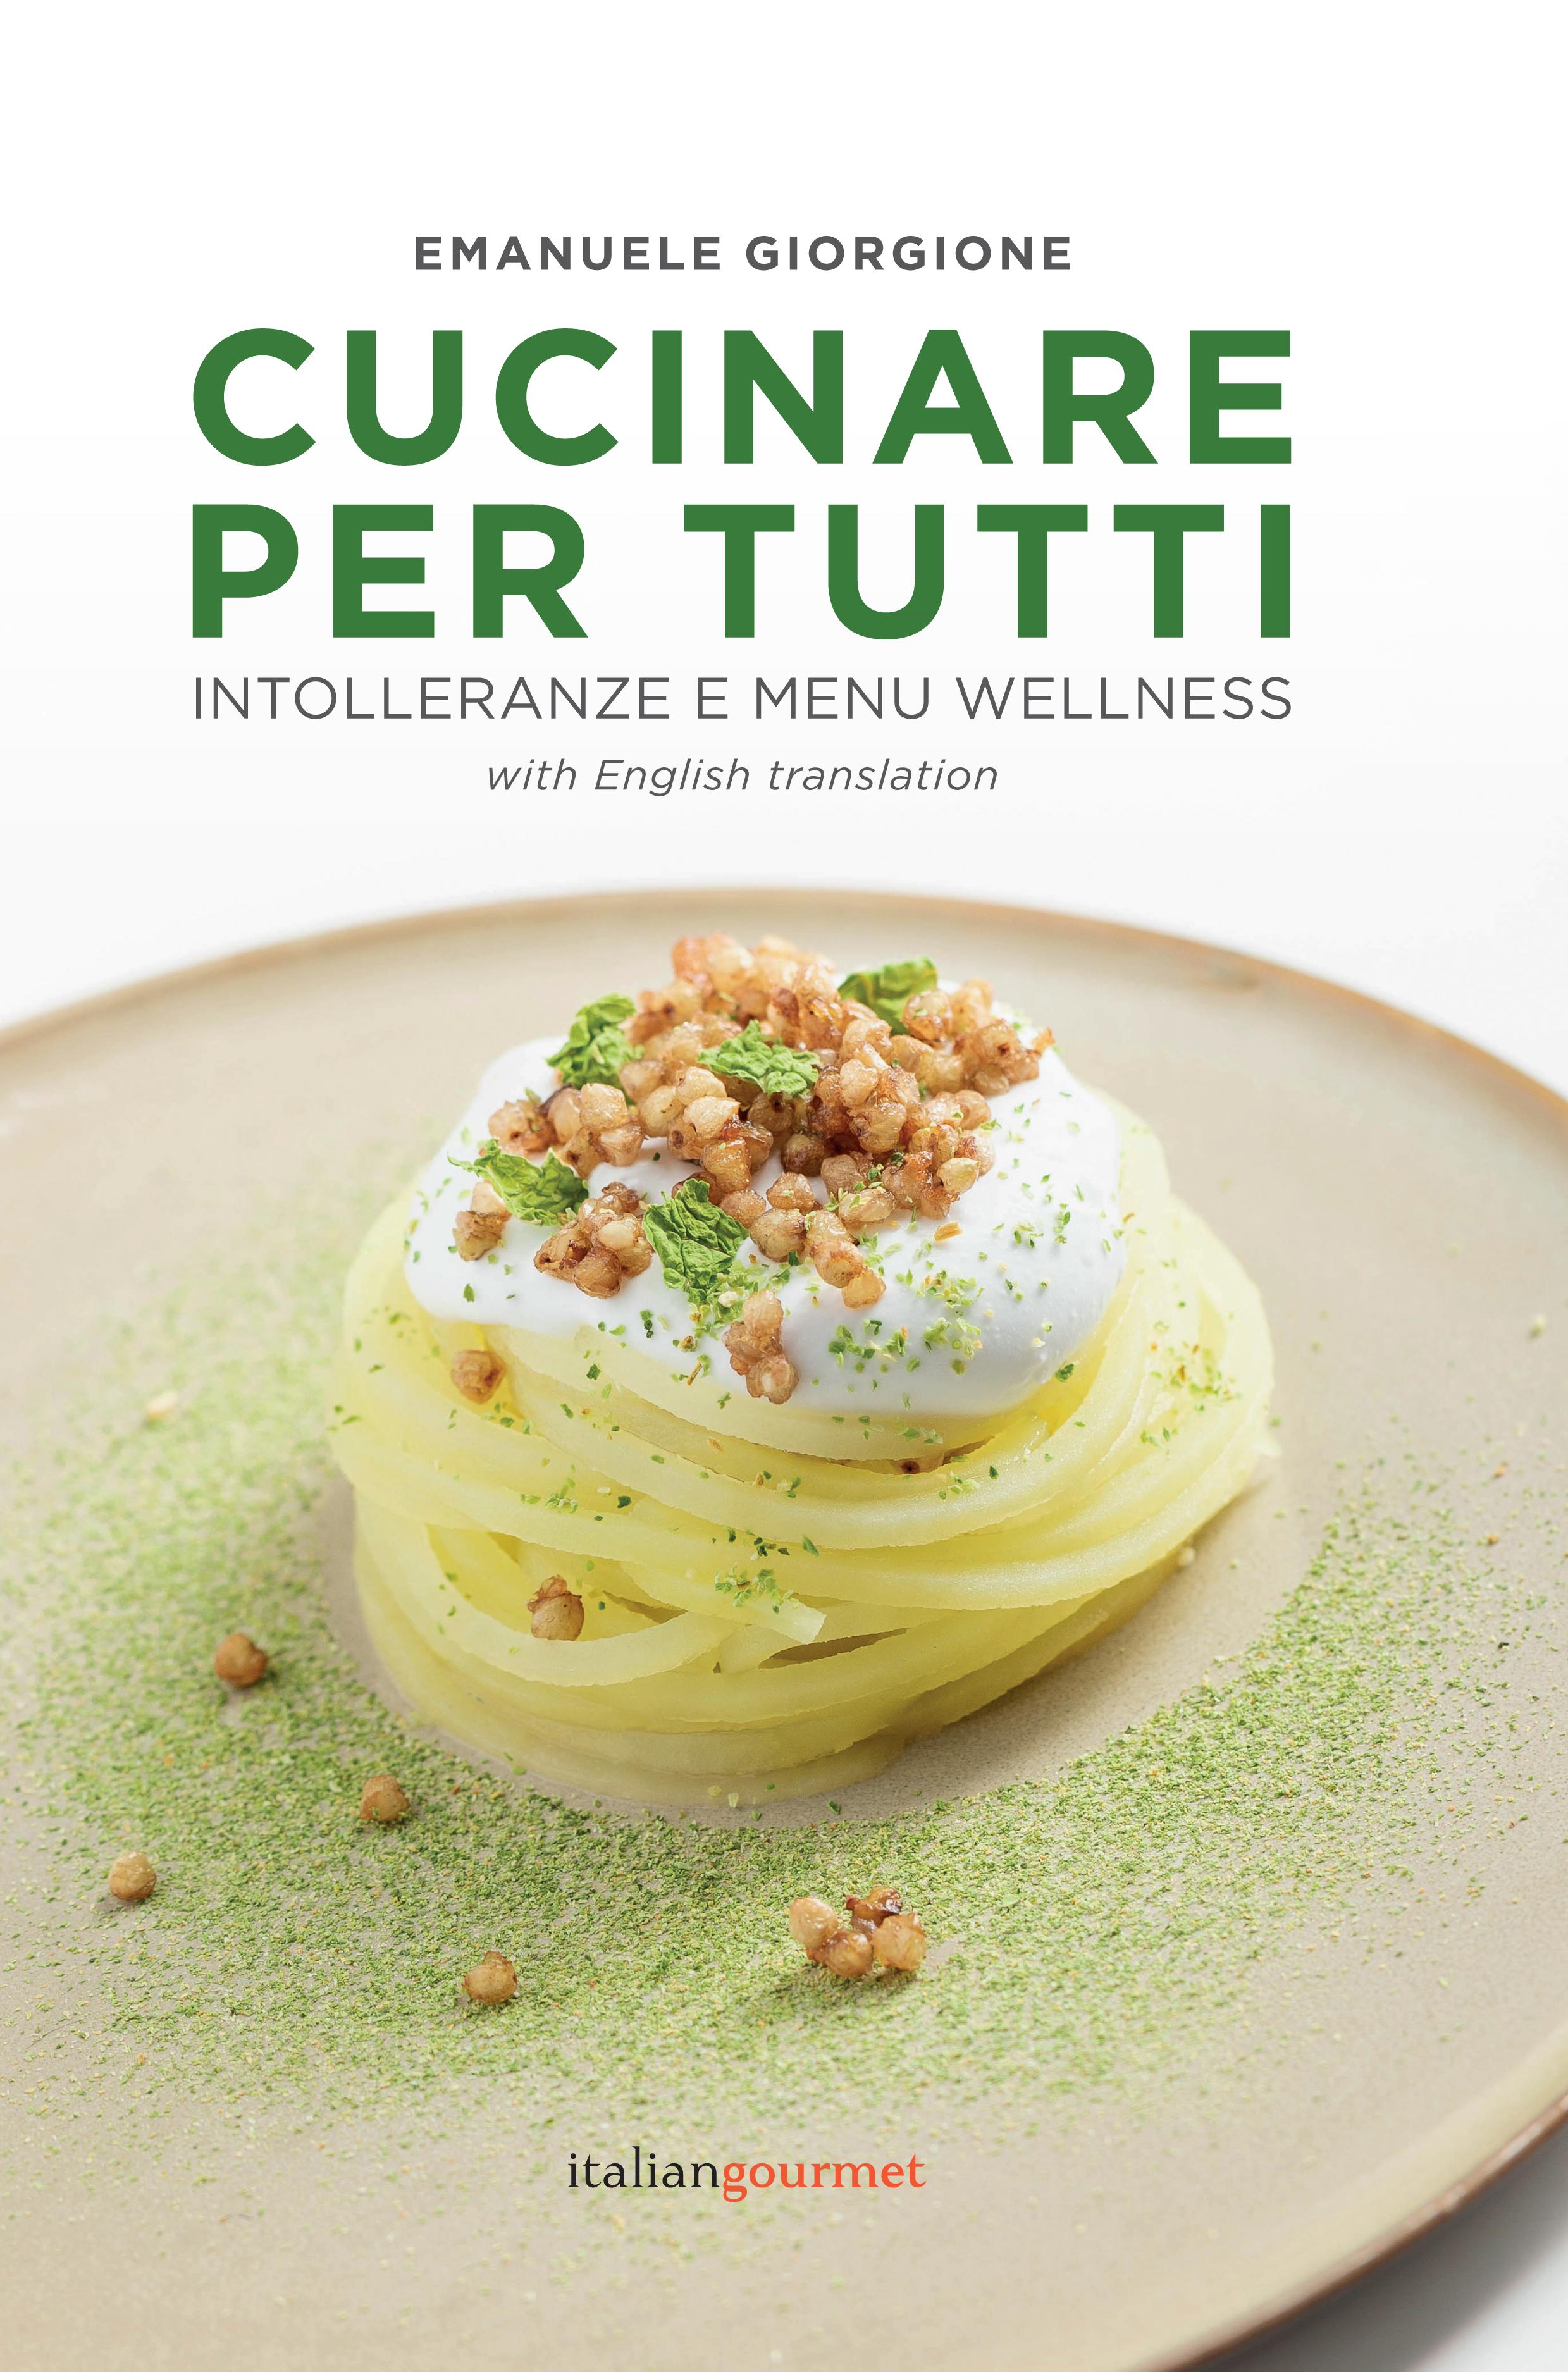 Cucina per tutti - Emanuele Giorgione